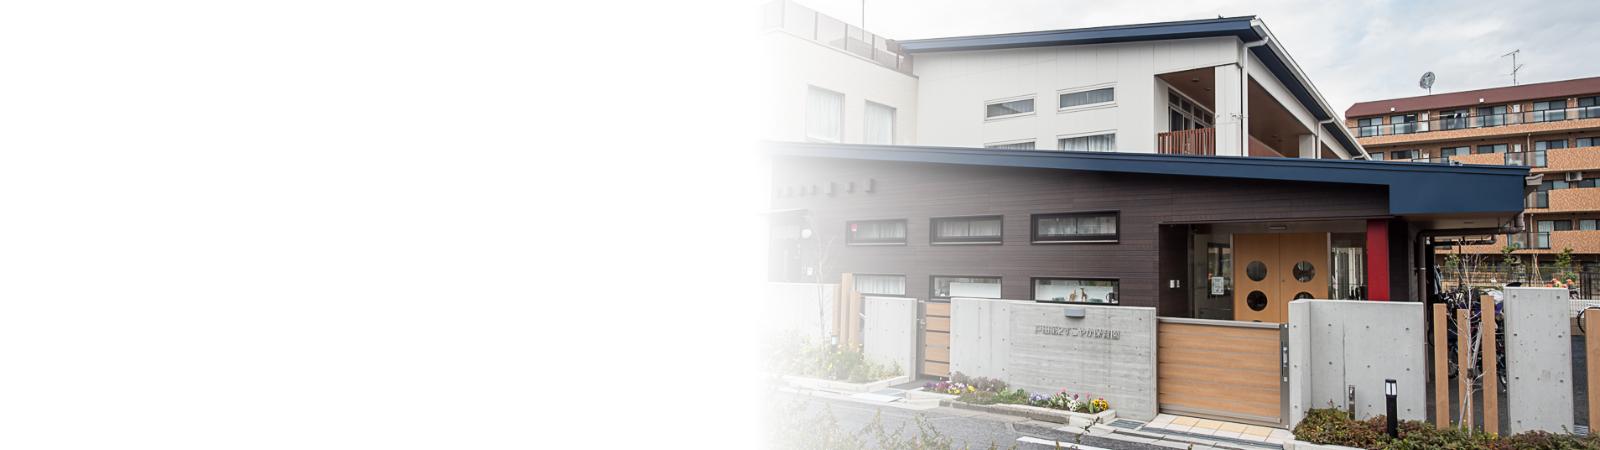 戸田第2すこやか保育園PC